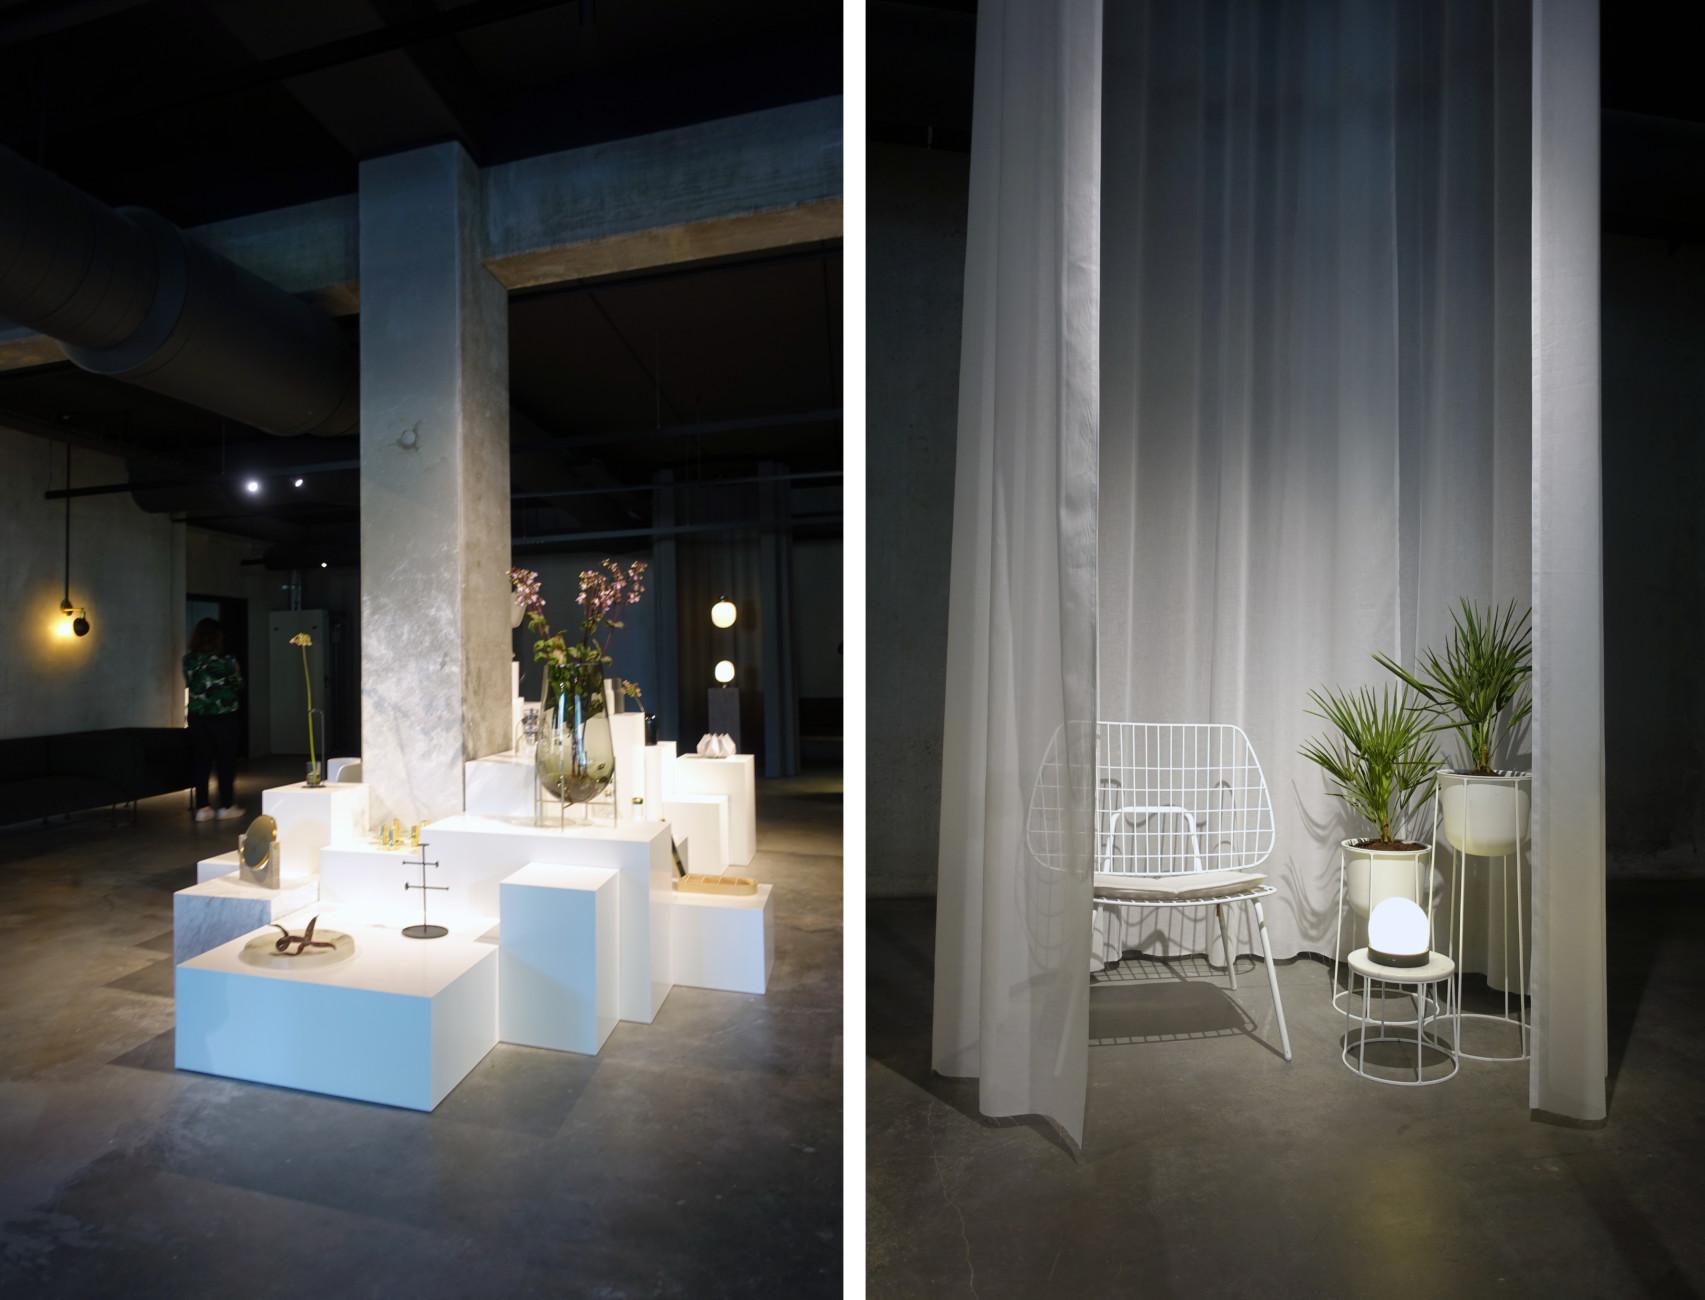 Menu showroom in Copenhagen Nordhavn.   Chair: WM String Lounge Chair (Design: Studio WM)  Planter: Wire Pot (Design: Norm Architects)